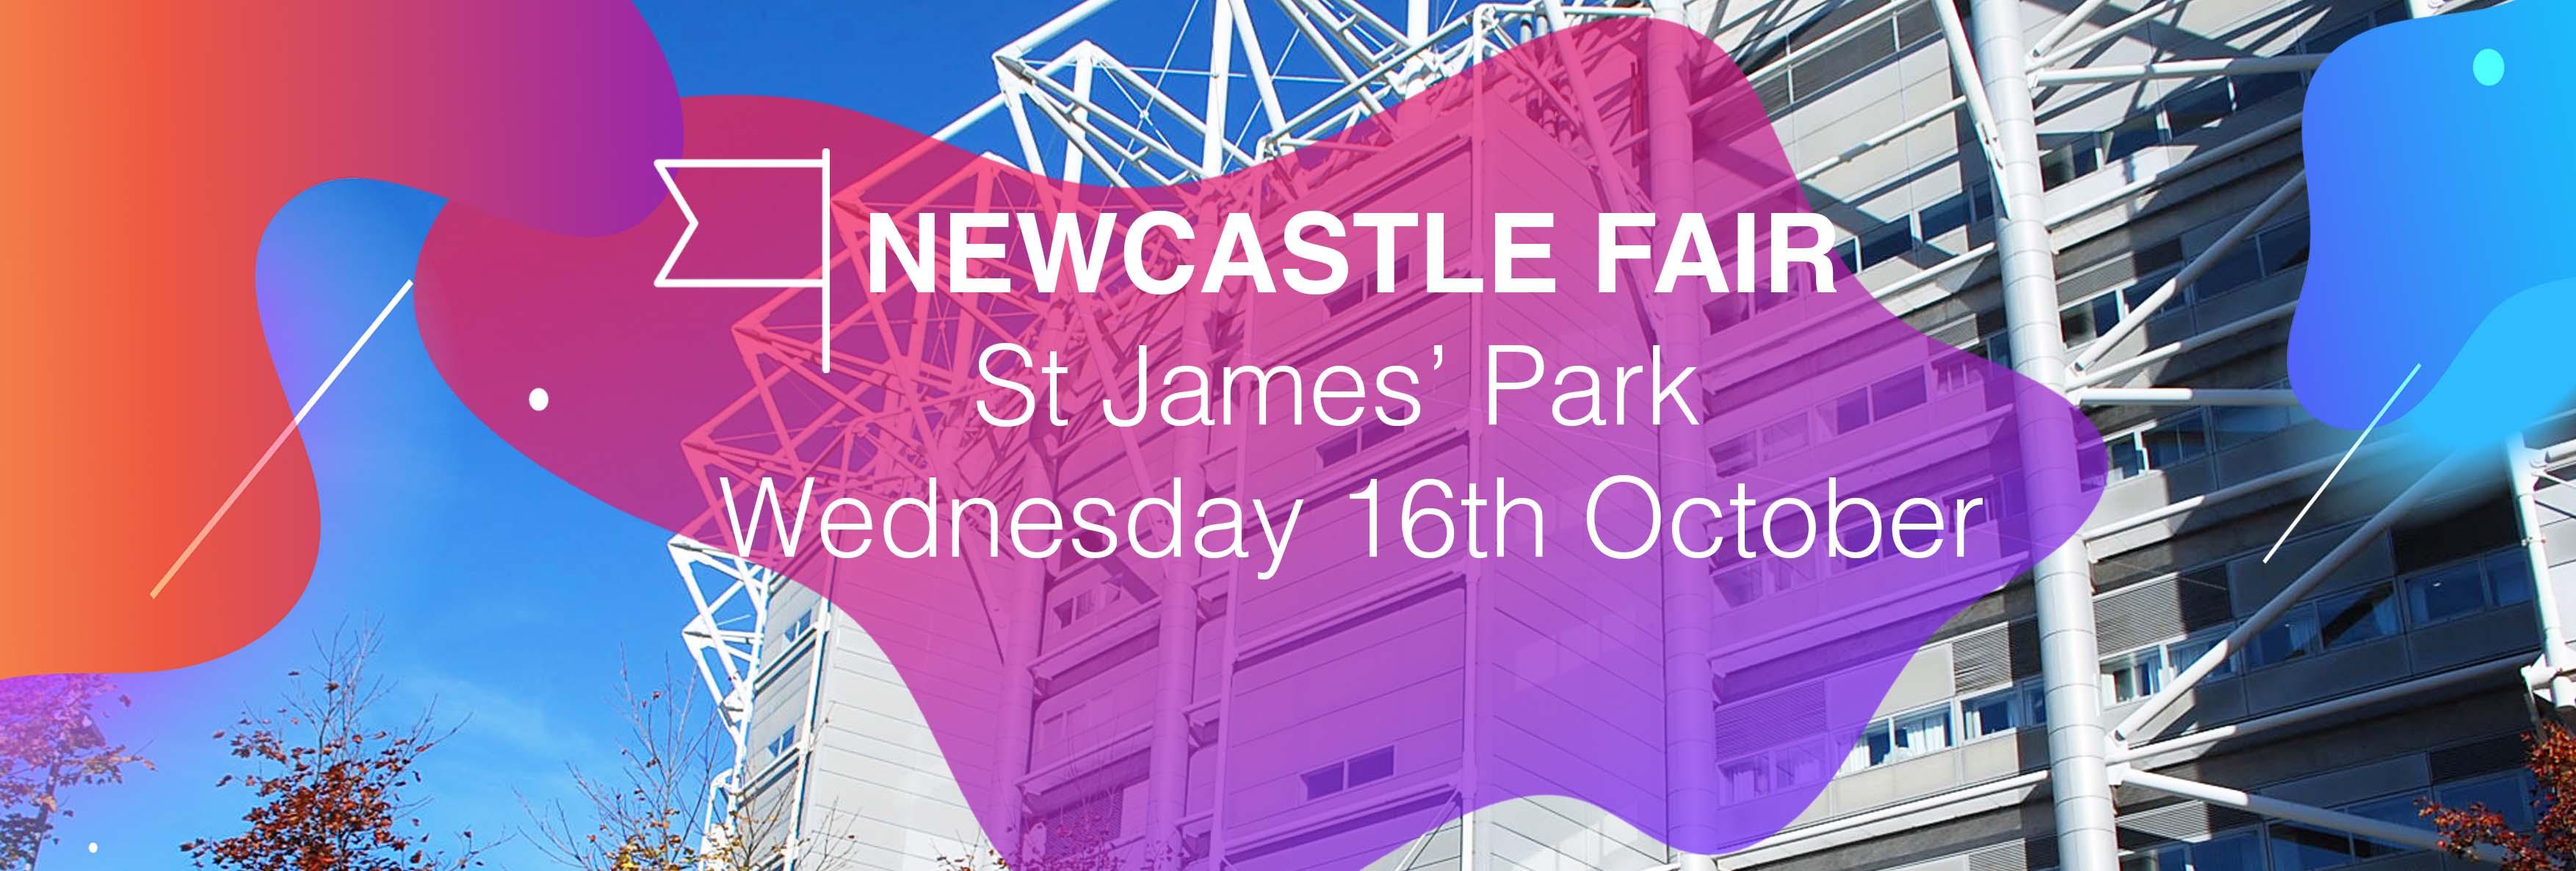 Newcastle Autumn 2019 Fair